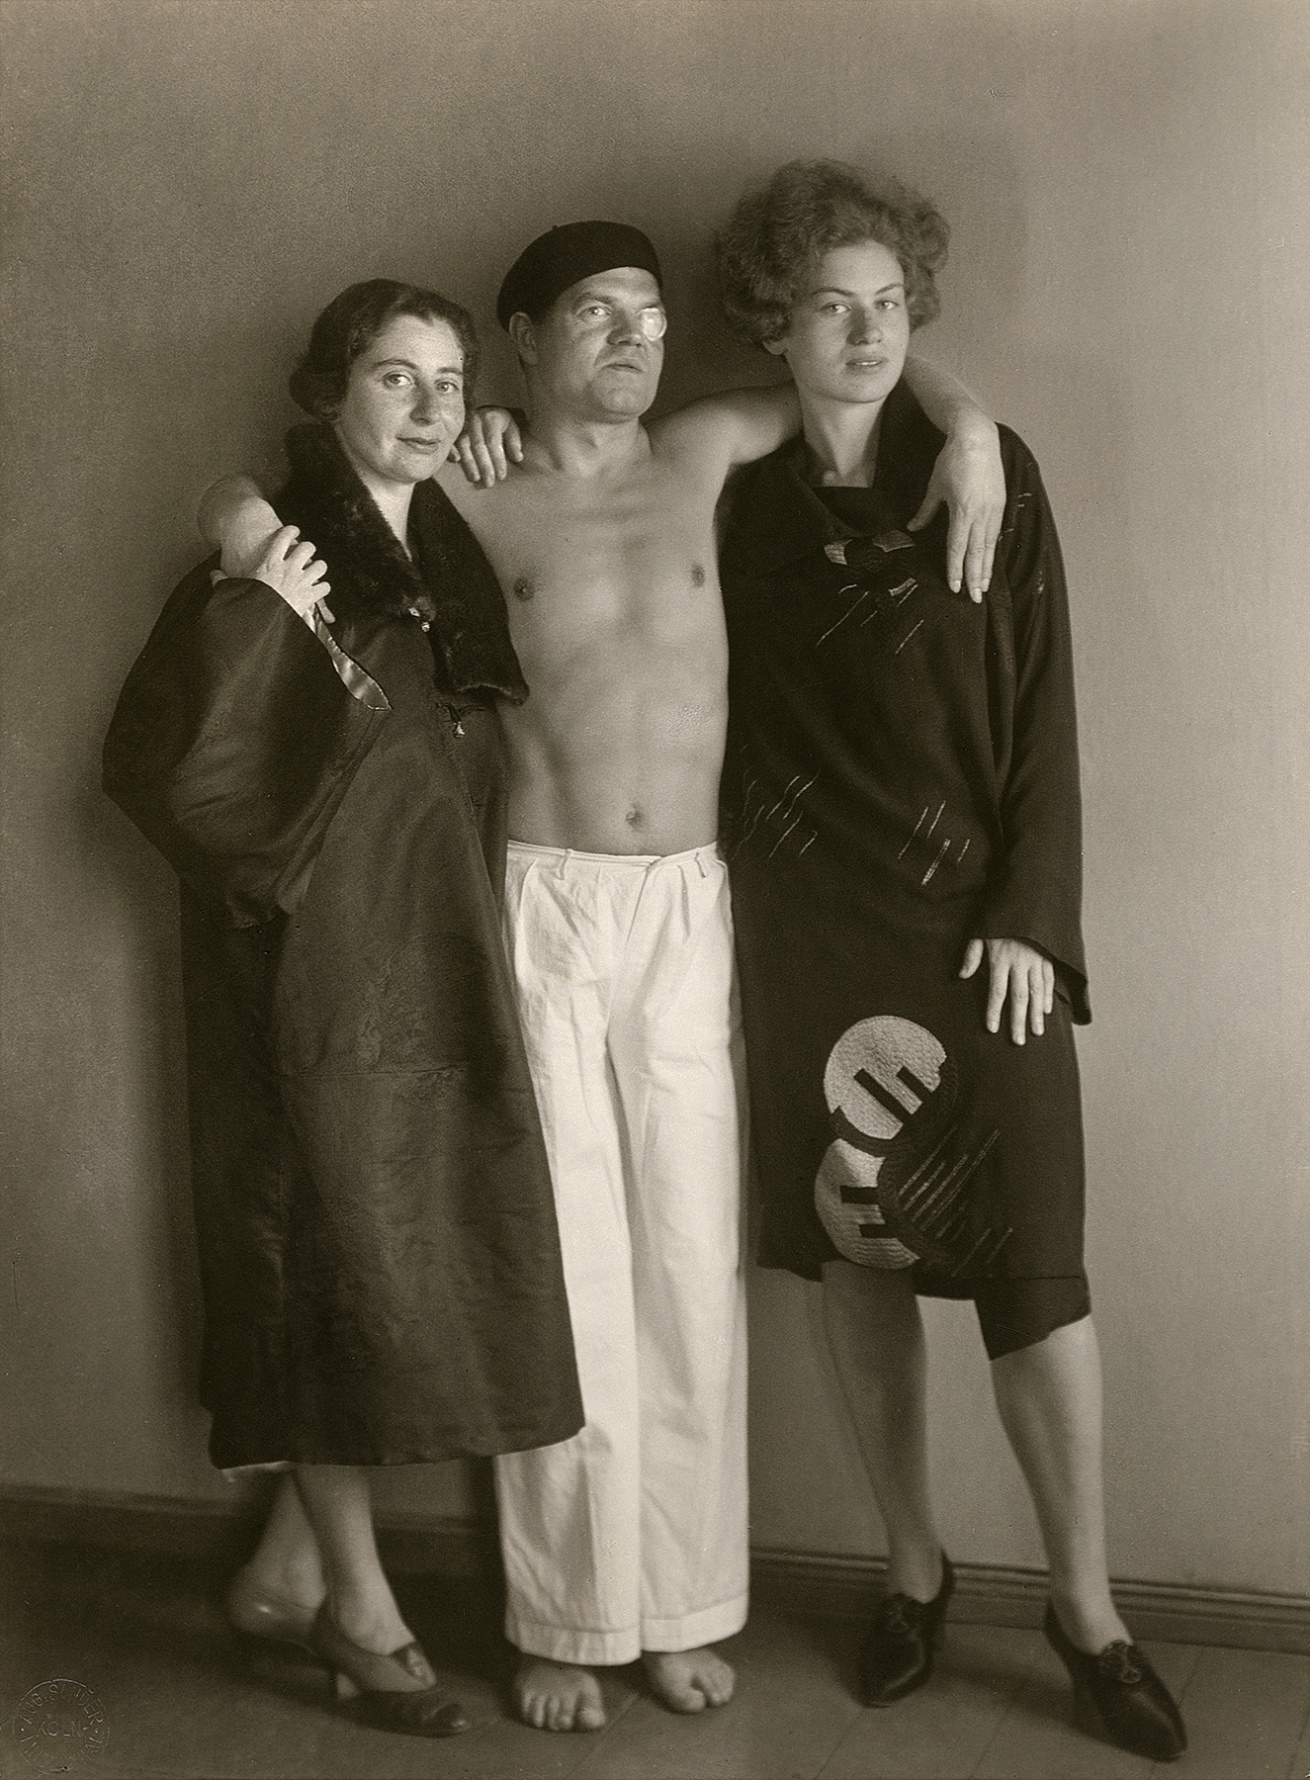 Fotó: August Sander <br />The Dadaist Raoul Hausmann [with Hedwig Mankiewitz and Vera Broïdo]<br />1929<br />Gelatin silver print<br />© Die Photographische Sammlung/SK Stiftung Kultur – August Sander Archiv; VG Bild-Kunst, 2018